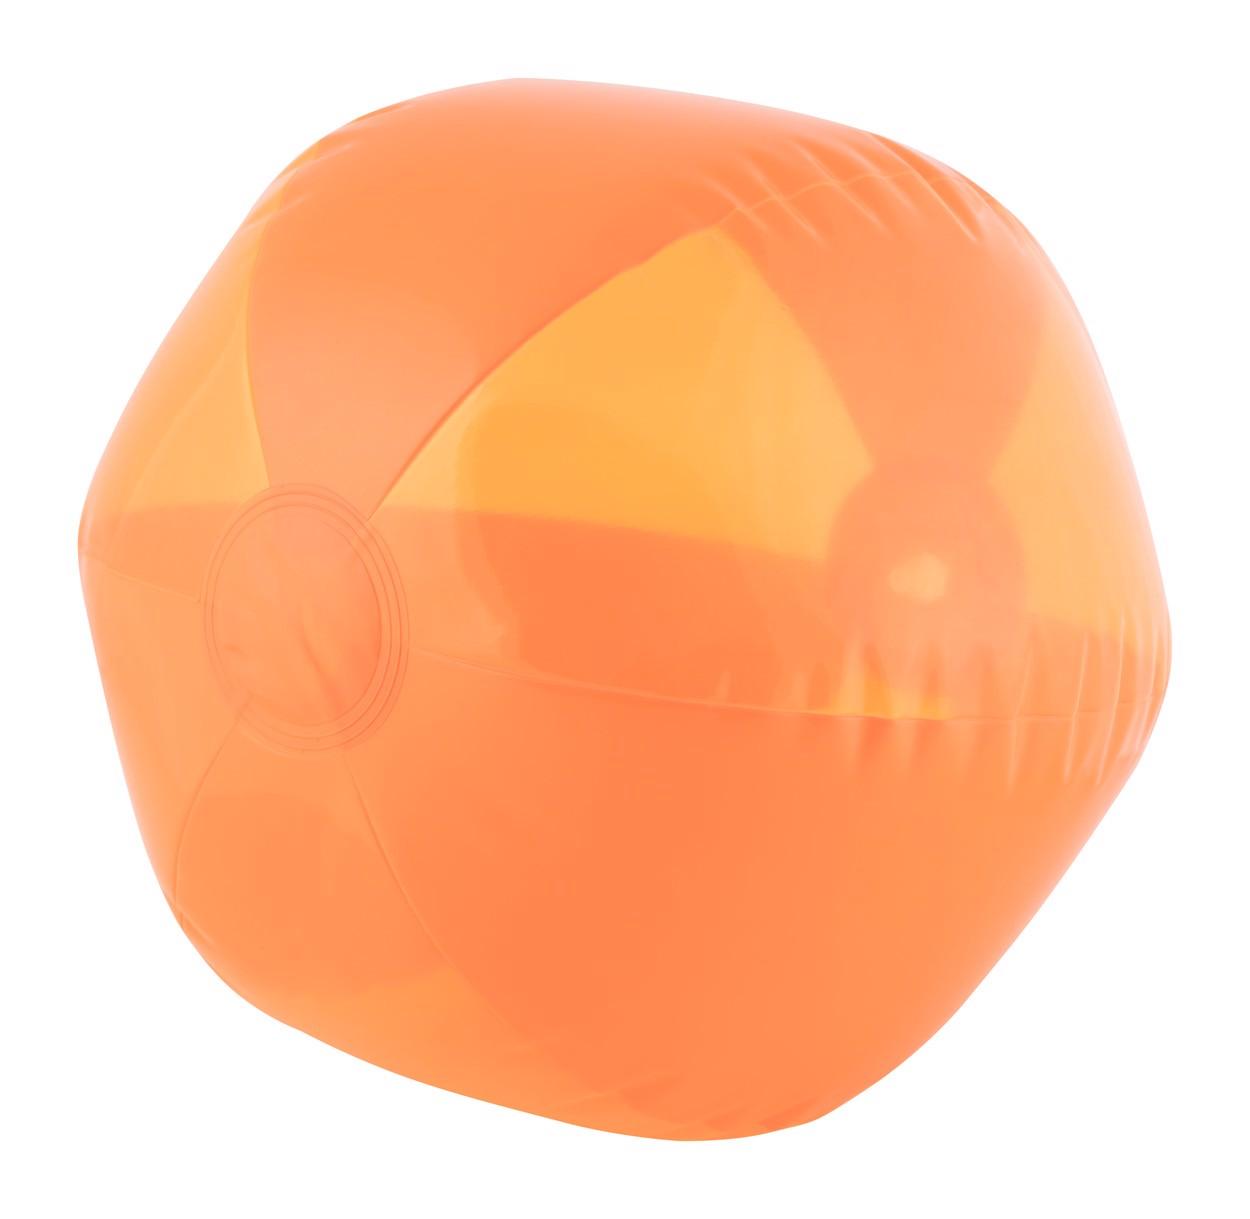 Plážový Míč (Ø26 Cm) Navagio - Oranžová